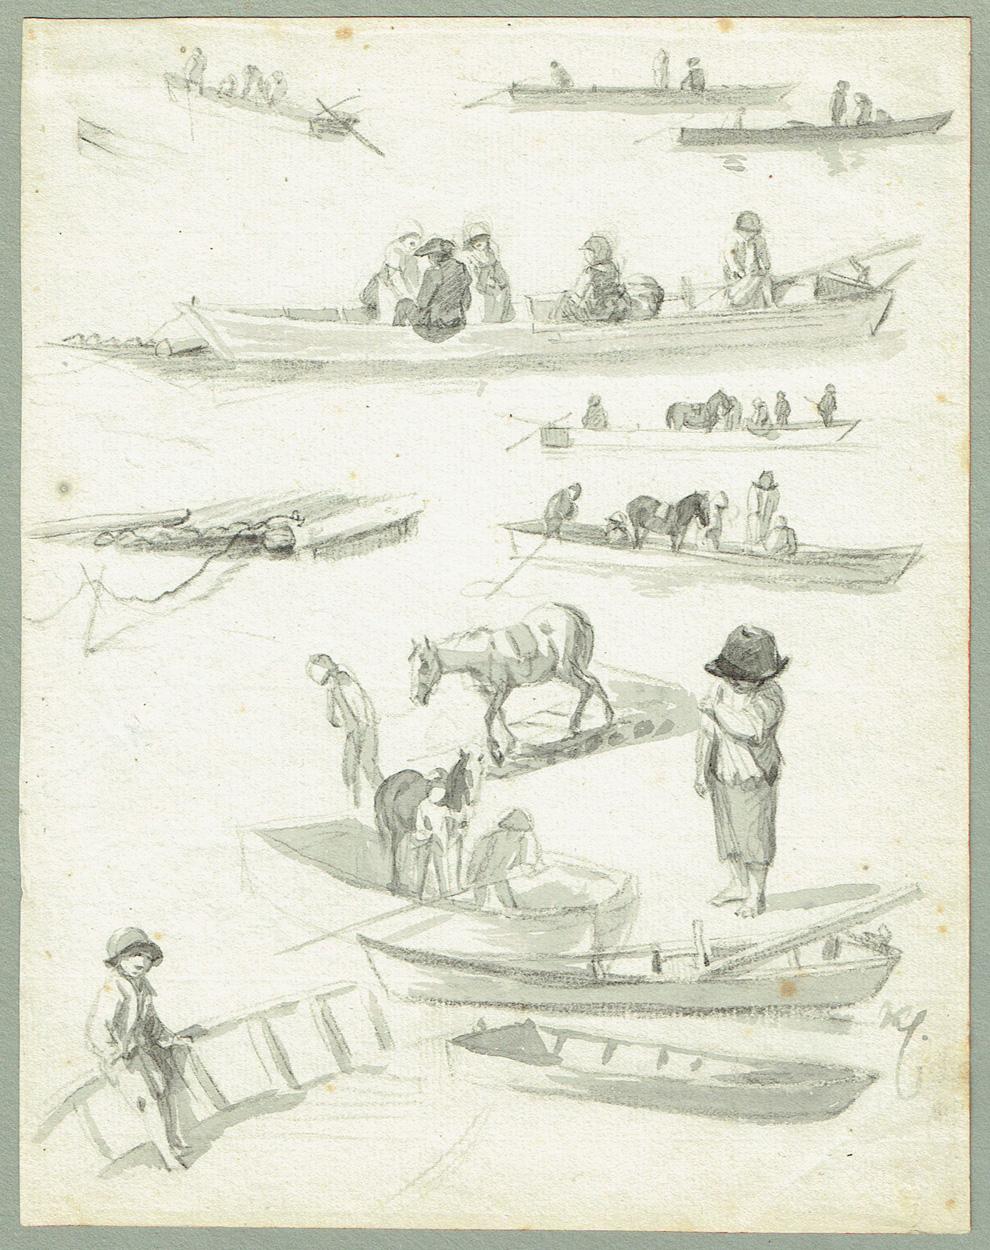 JohannChristian Klengel, Studienblatt mit Booten und Figuren